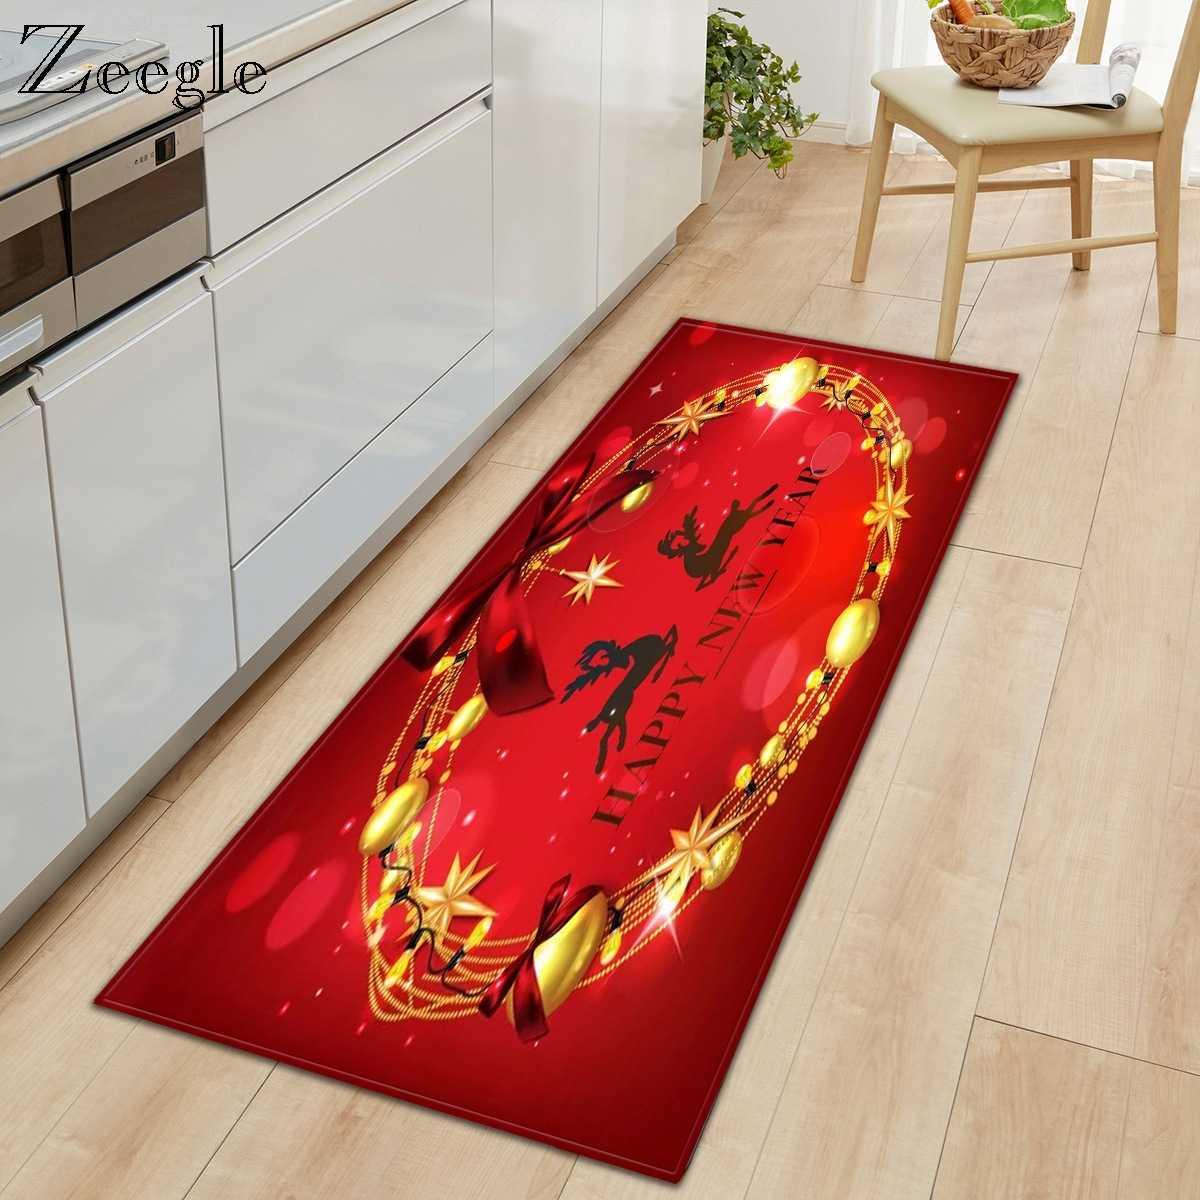 Picture of: Zeegle Christmas Kitchen Mat Modern Area Rug Long Floor Mat Carpet Printed Entrance Doormat Anti Slip Doormat Bedroom Foot Rug Carpet Aliexpress